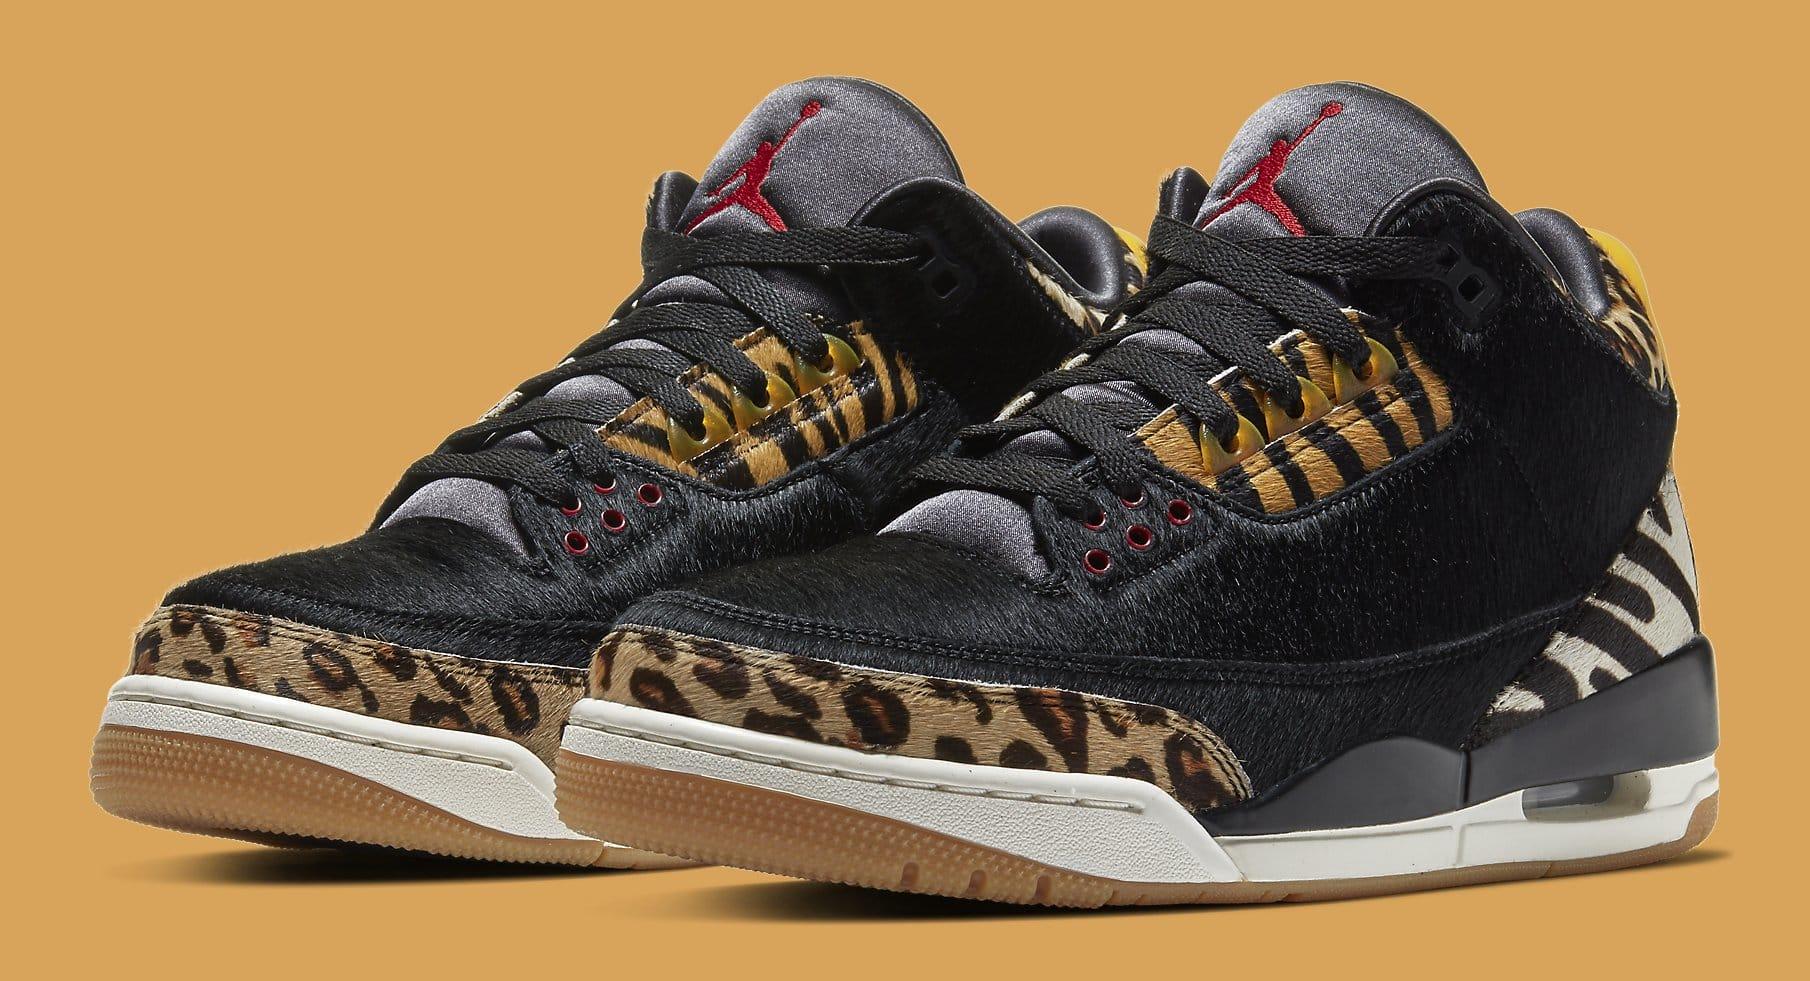 Air Jordan 3 Animal Instinct Release Date CK4344-002 Pair